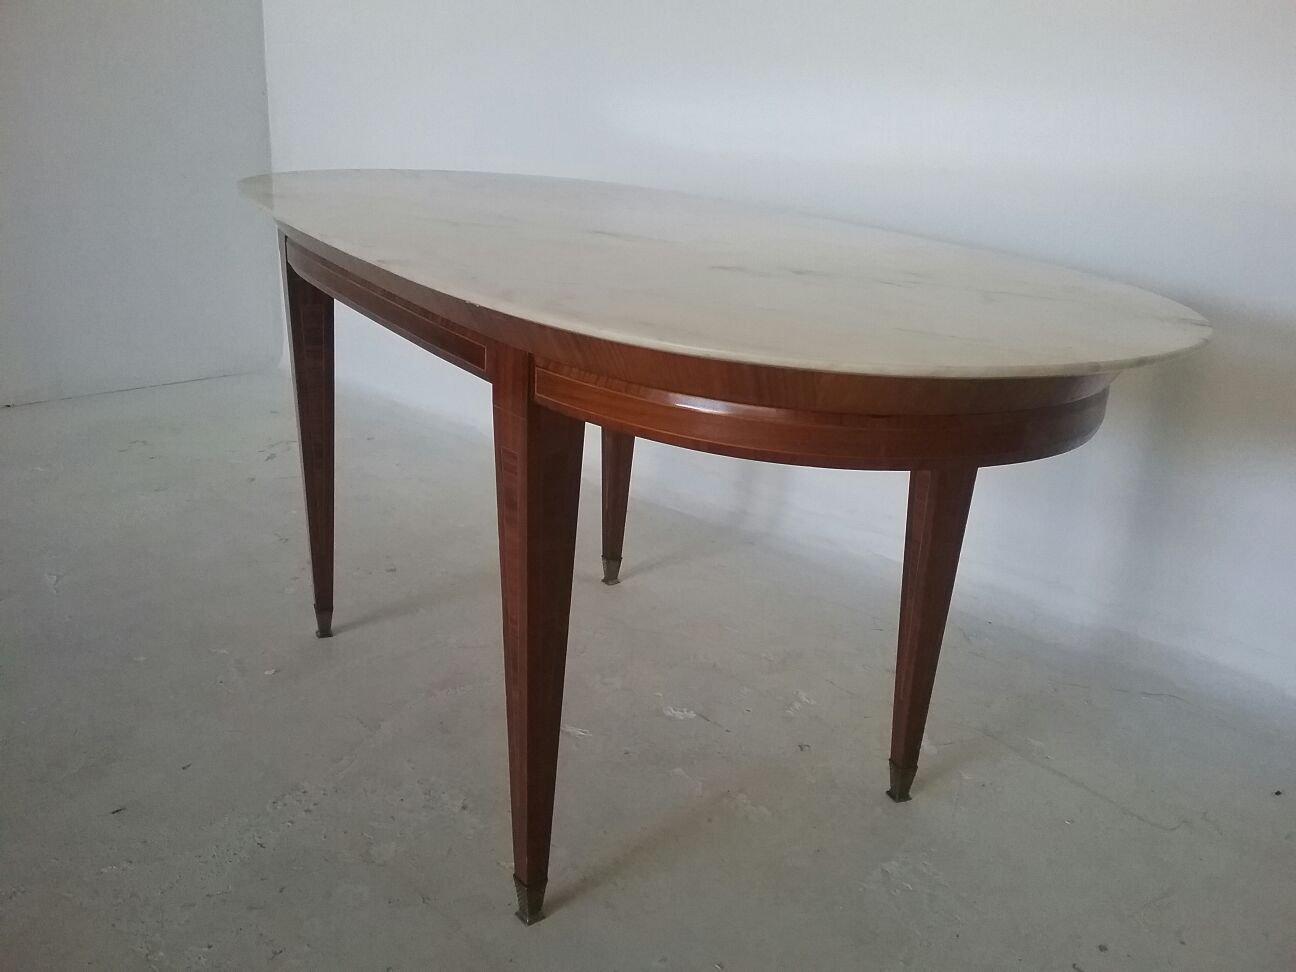 Tavolo da pranzo impero in legno e marmo inizio xx secolo in